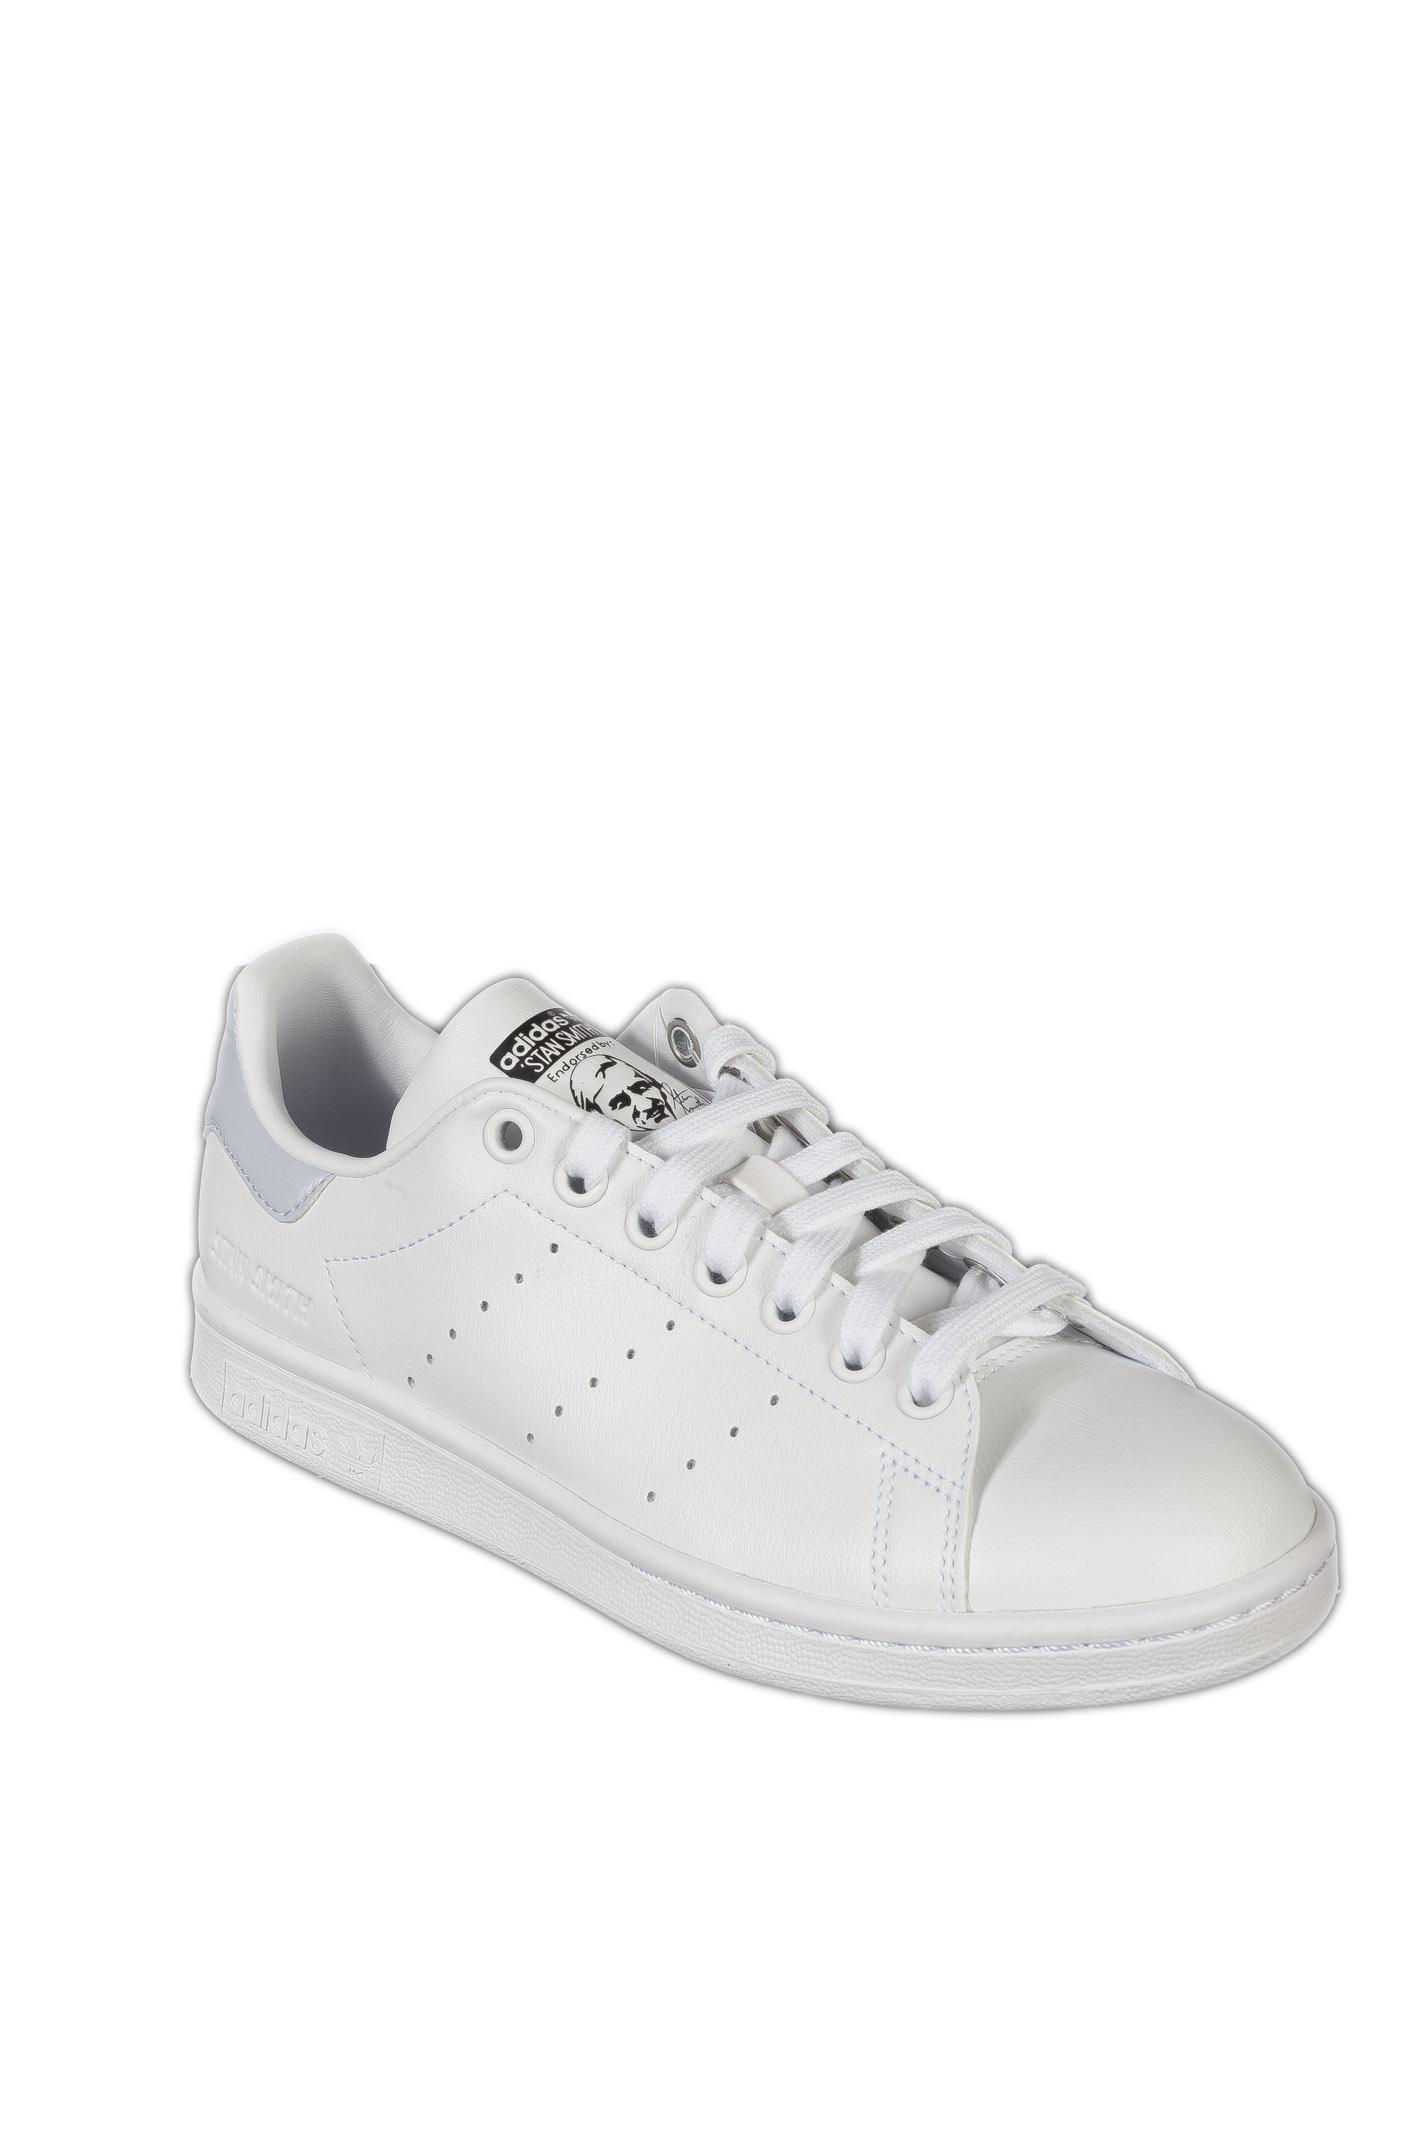 FX5579STAN SMITH-WHITE